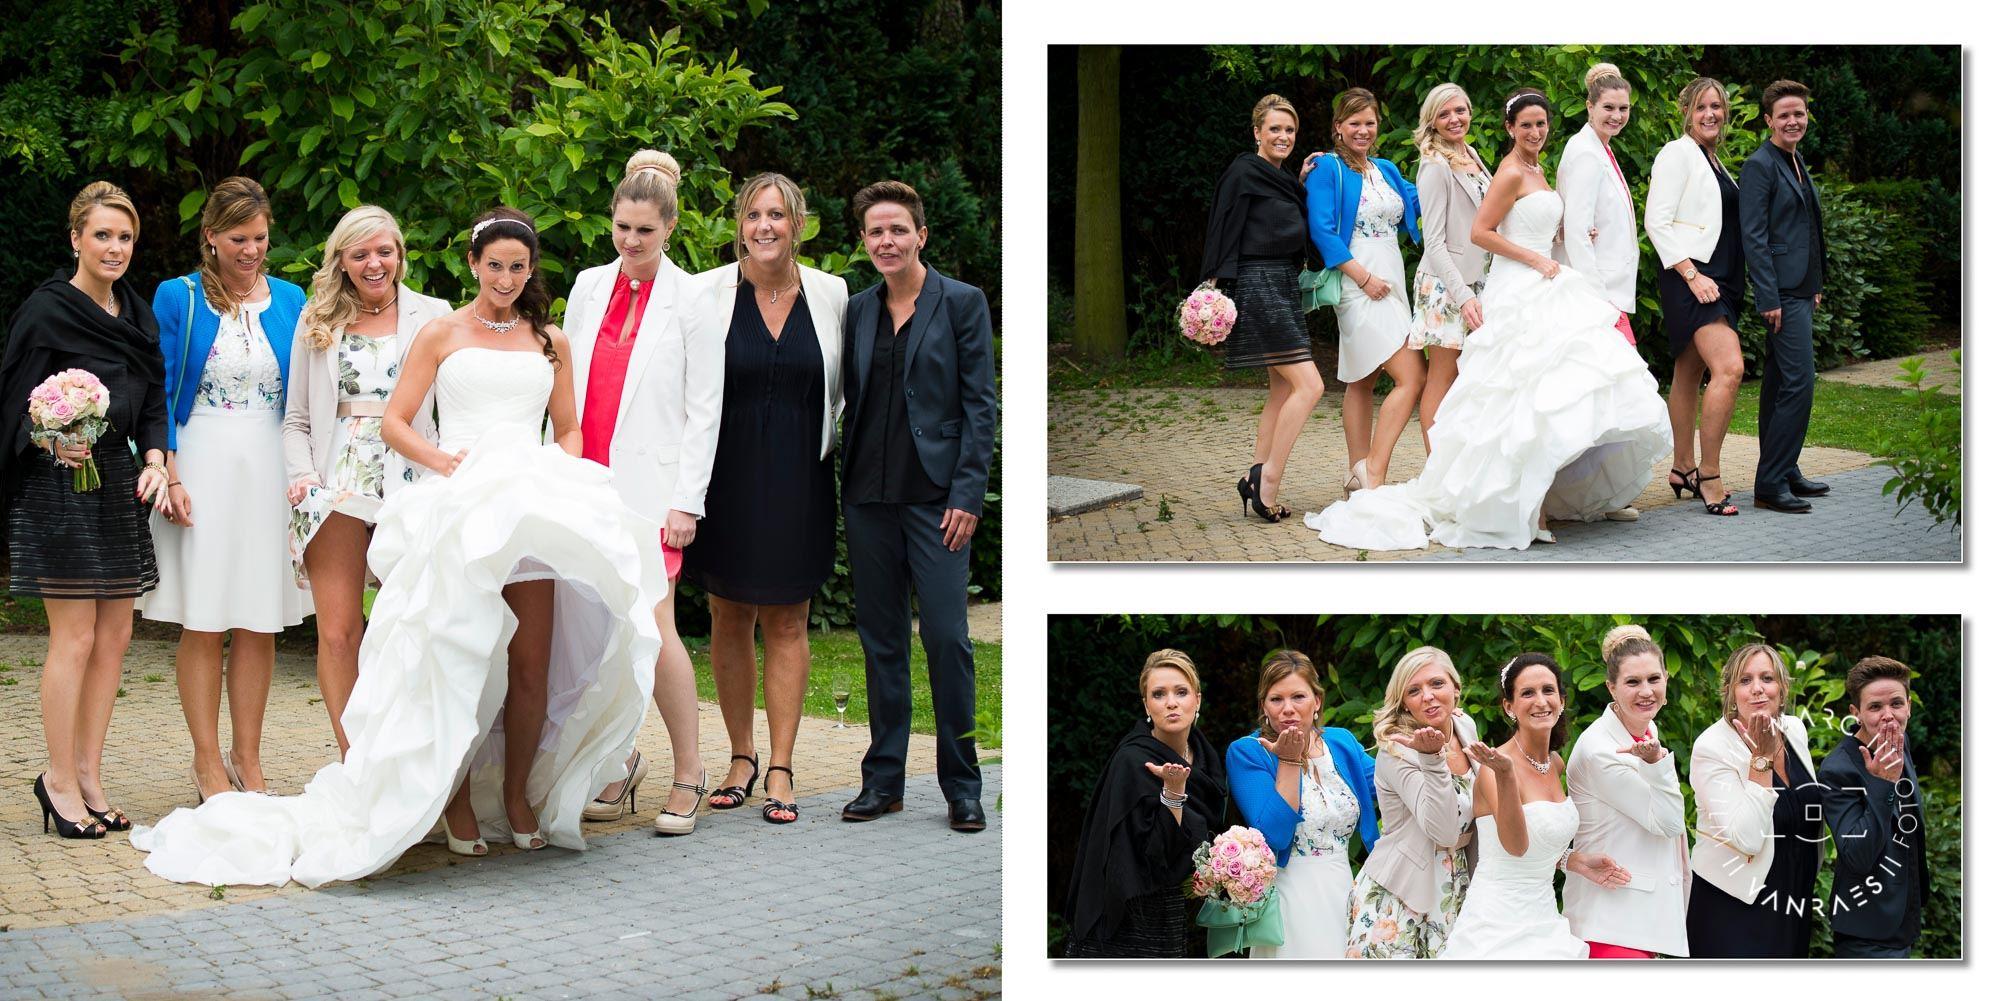 © De trouwfoto's zijn genomen door Fotografie Marc Vanraes-13